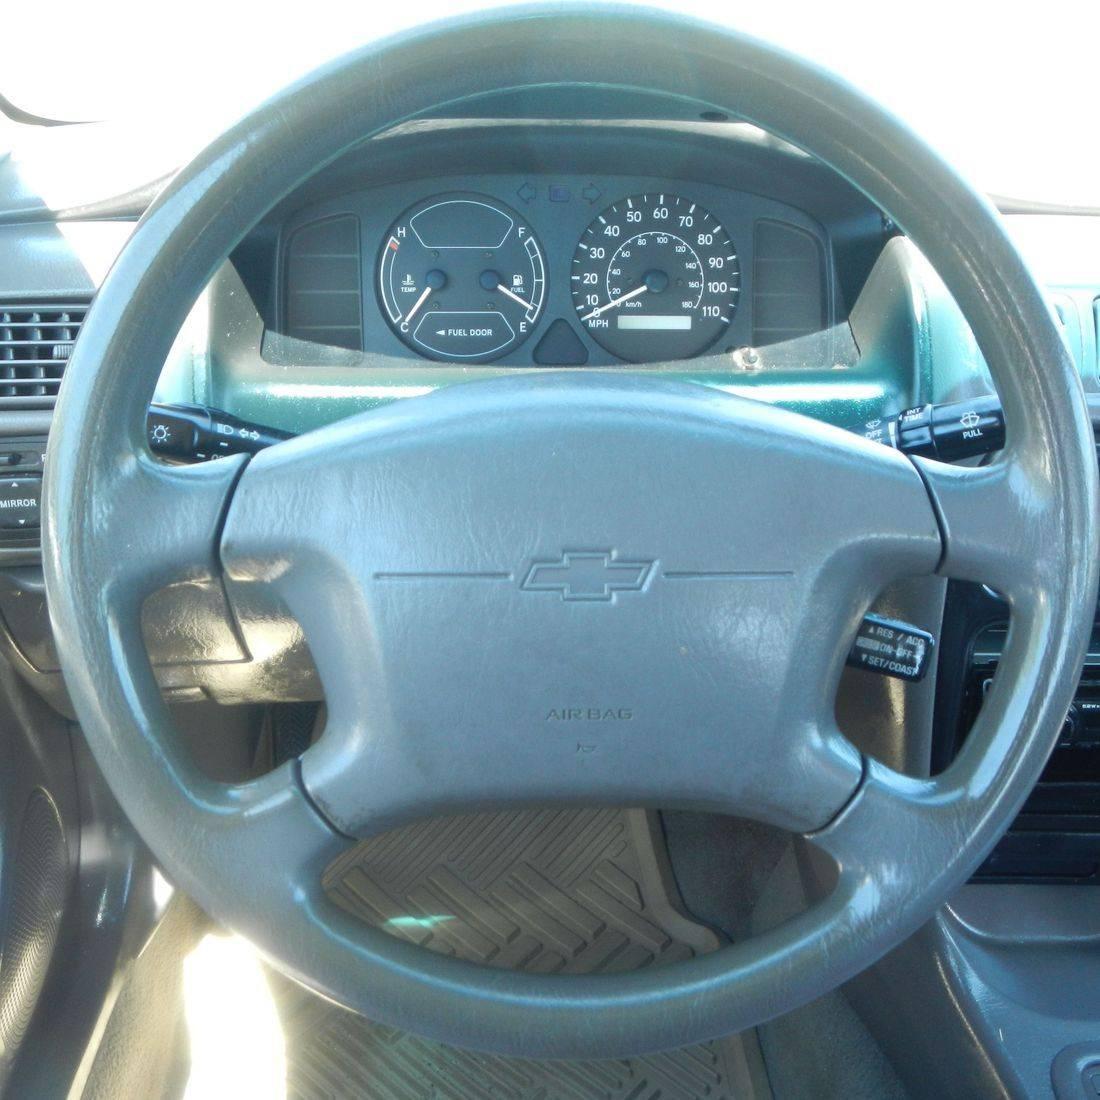 1999 Chevy Prizm LSi